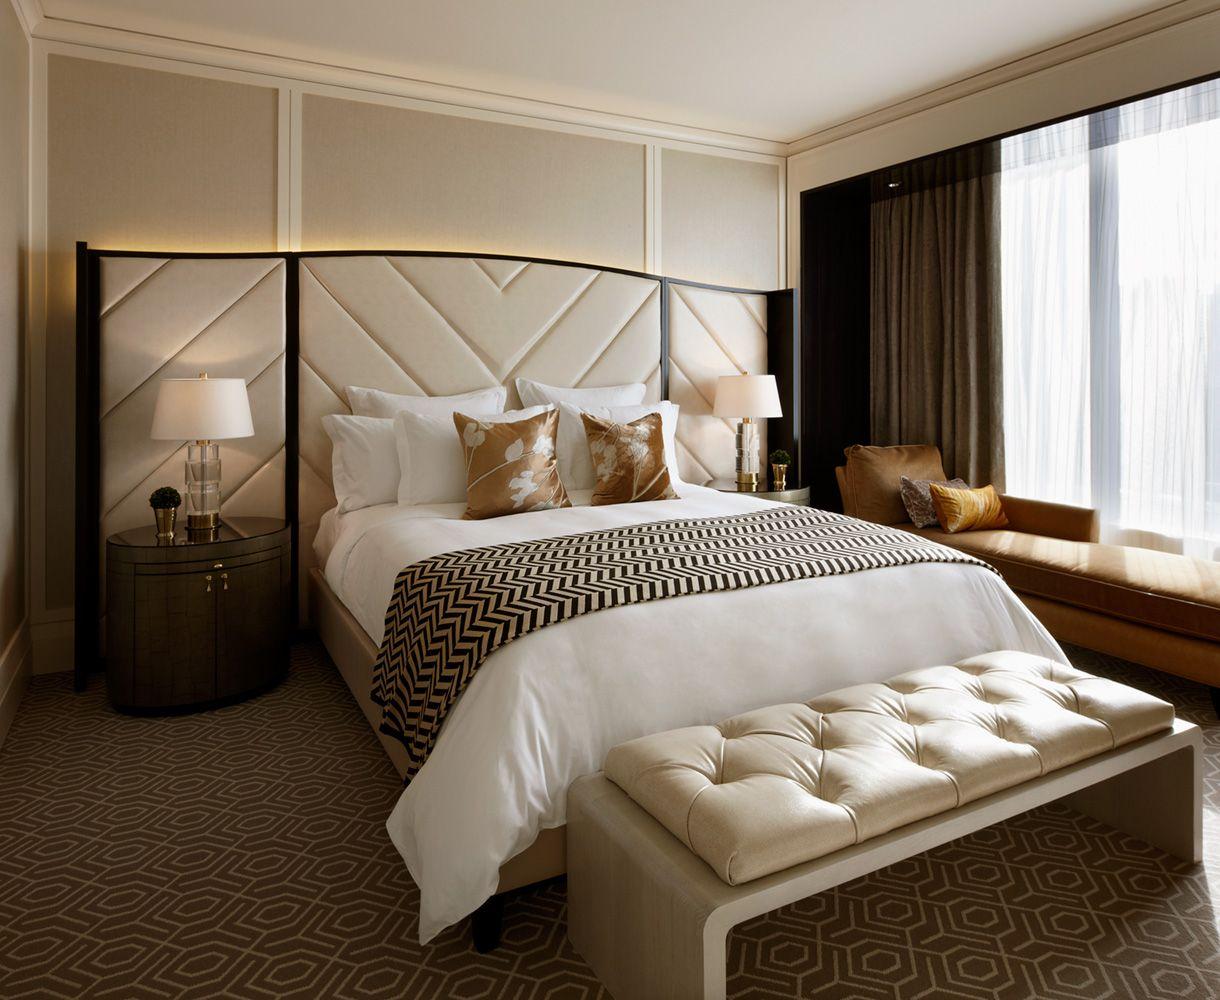 Suites At The Ritz Carlton   Munge Leung